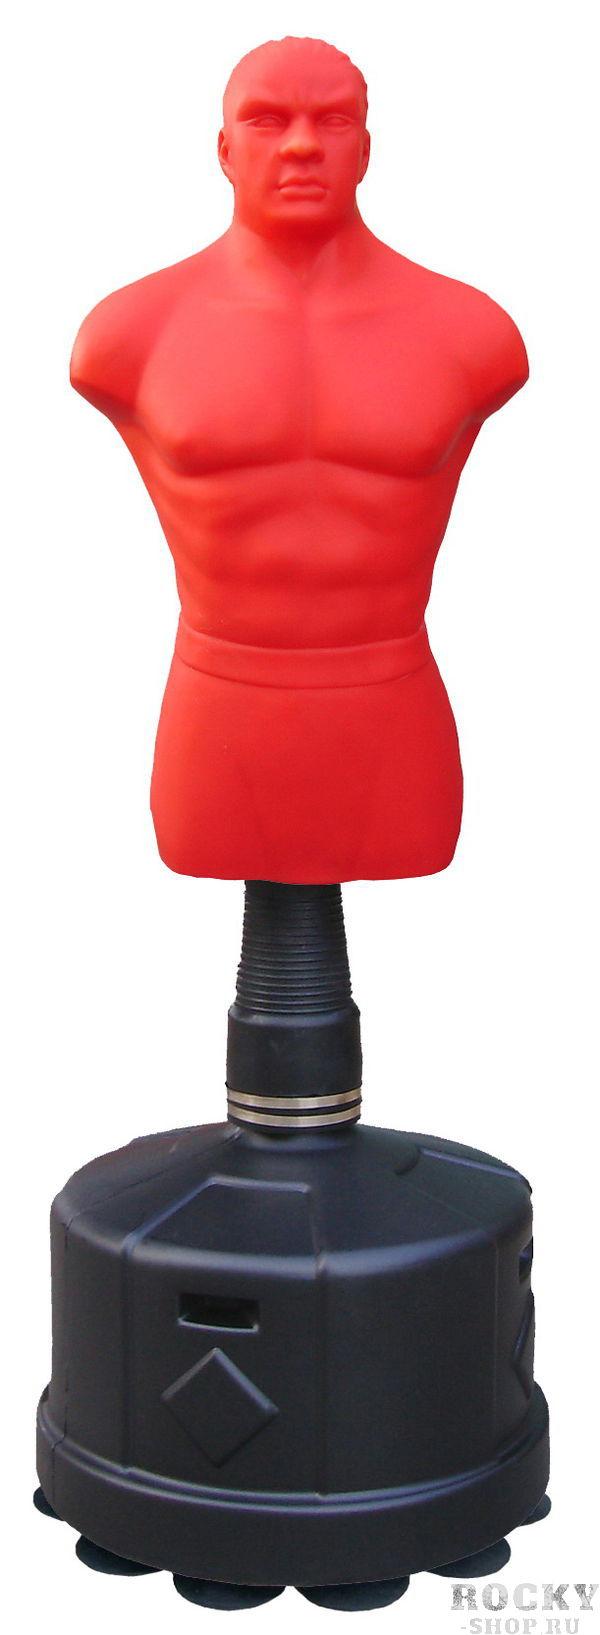 Боксерский манекен водоналивной STATUS 166, 172-182 см STATUS BoxingСнаряды для бокса<br>Водоналивной манекен для бокса с регулируемой высотой от 172 до 182 смМанекен сделан из высокоплотной уретановой пены покрытой снаружи пластизолем. Высота корпуса рабочей части 98 смДиаметр основания 62 смОснование можно заполнить водой или пеком. При заполнении водой вес основания 115 кг, песком 160 кг. Материал - пластизольПростота в установке и использовании<br><br>Размер: Красный